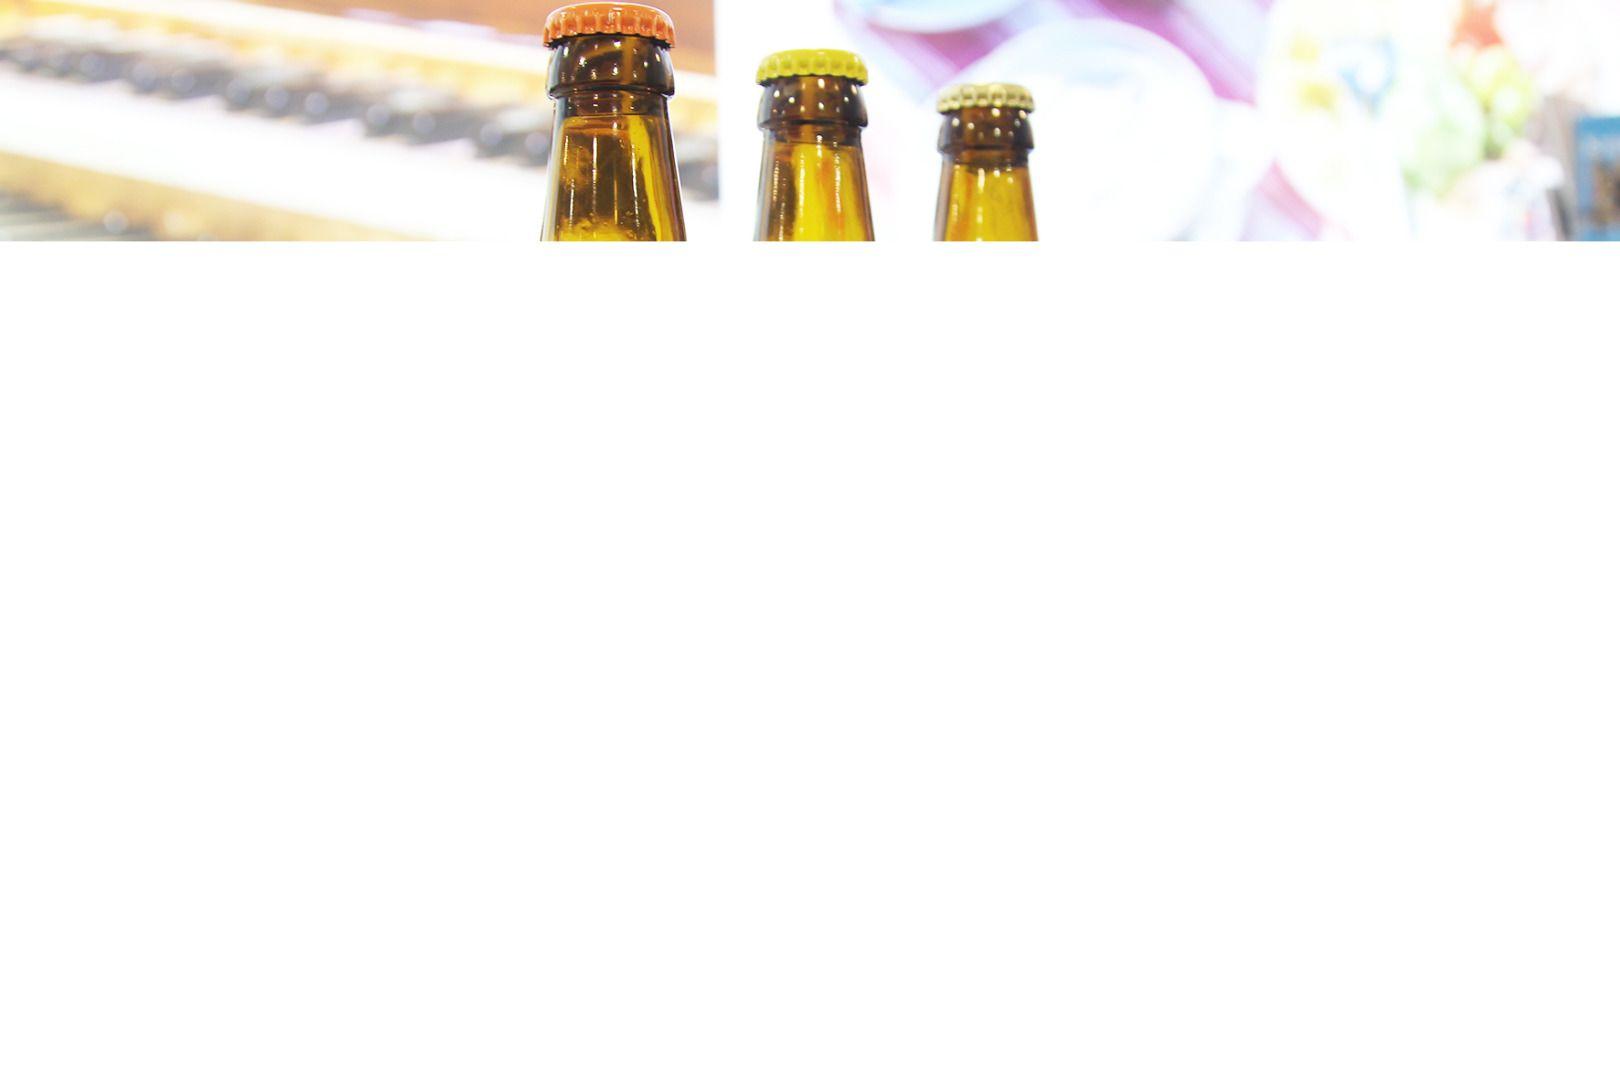 Neidhartinger Bier